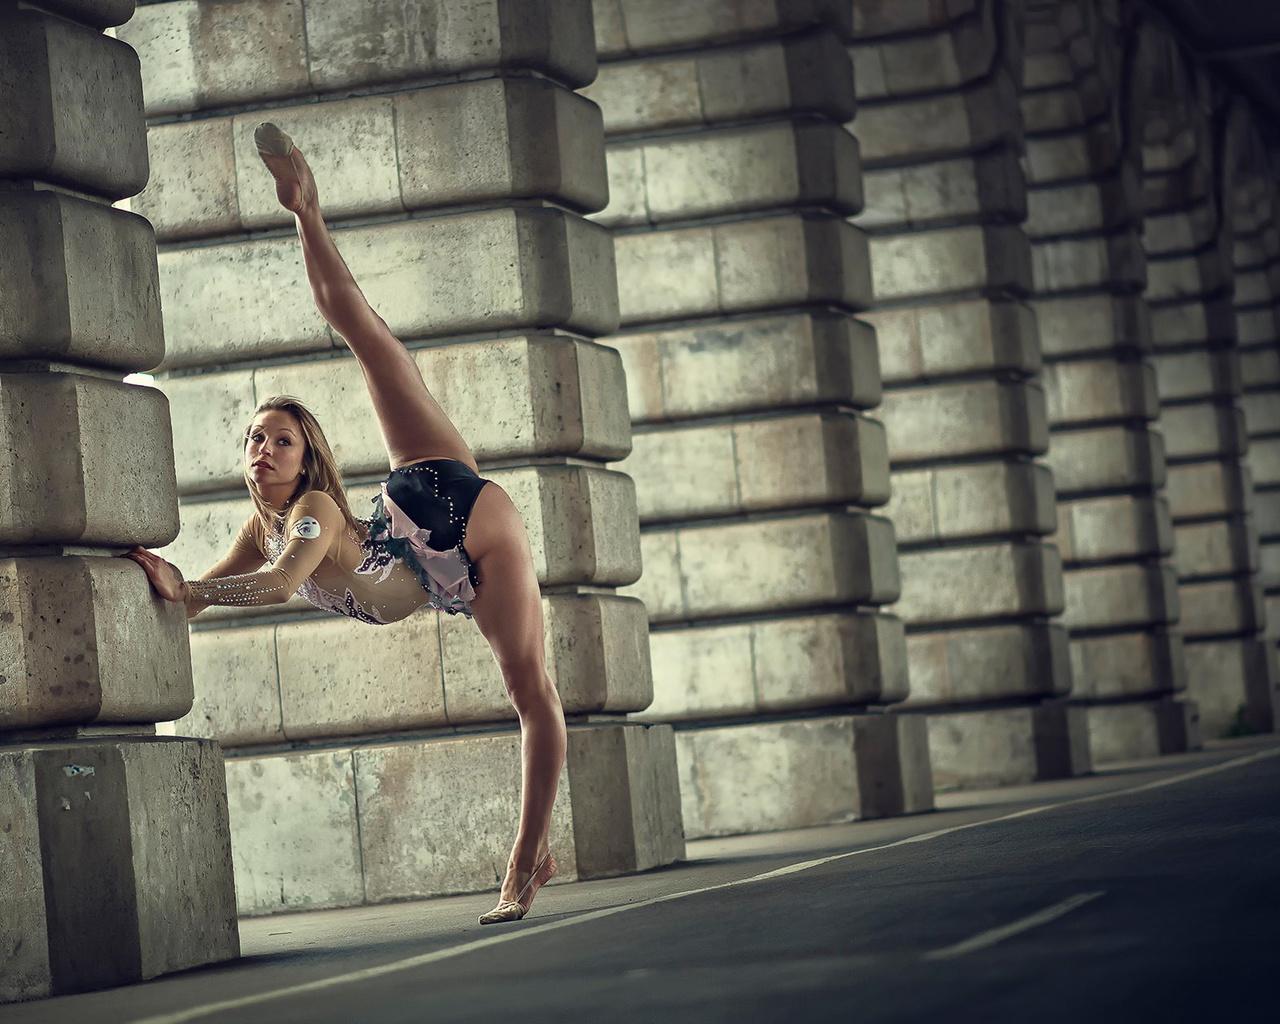 Супер голая гимнастика, Голые гимнастки: смотреть русское порно видео онлайн 26 фотография